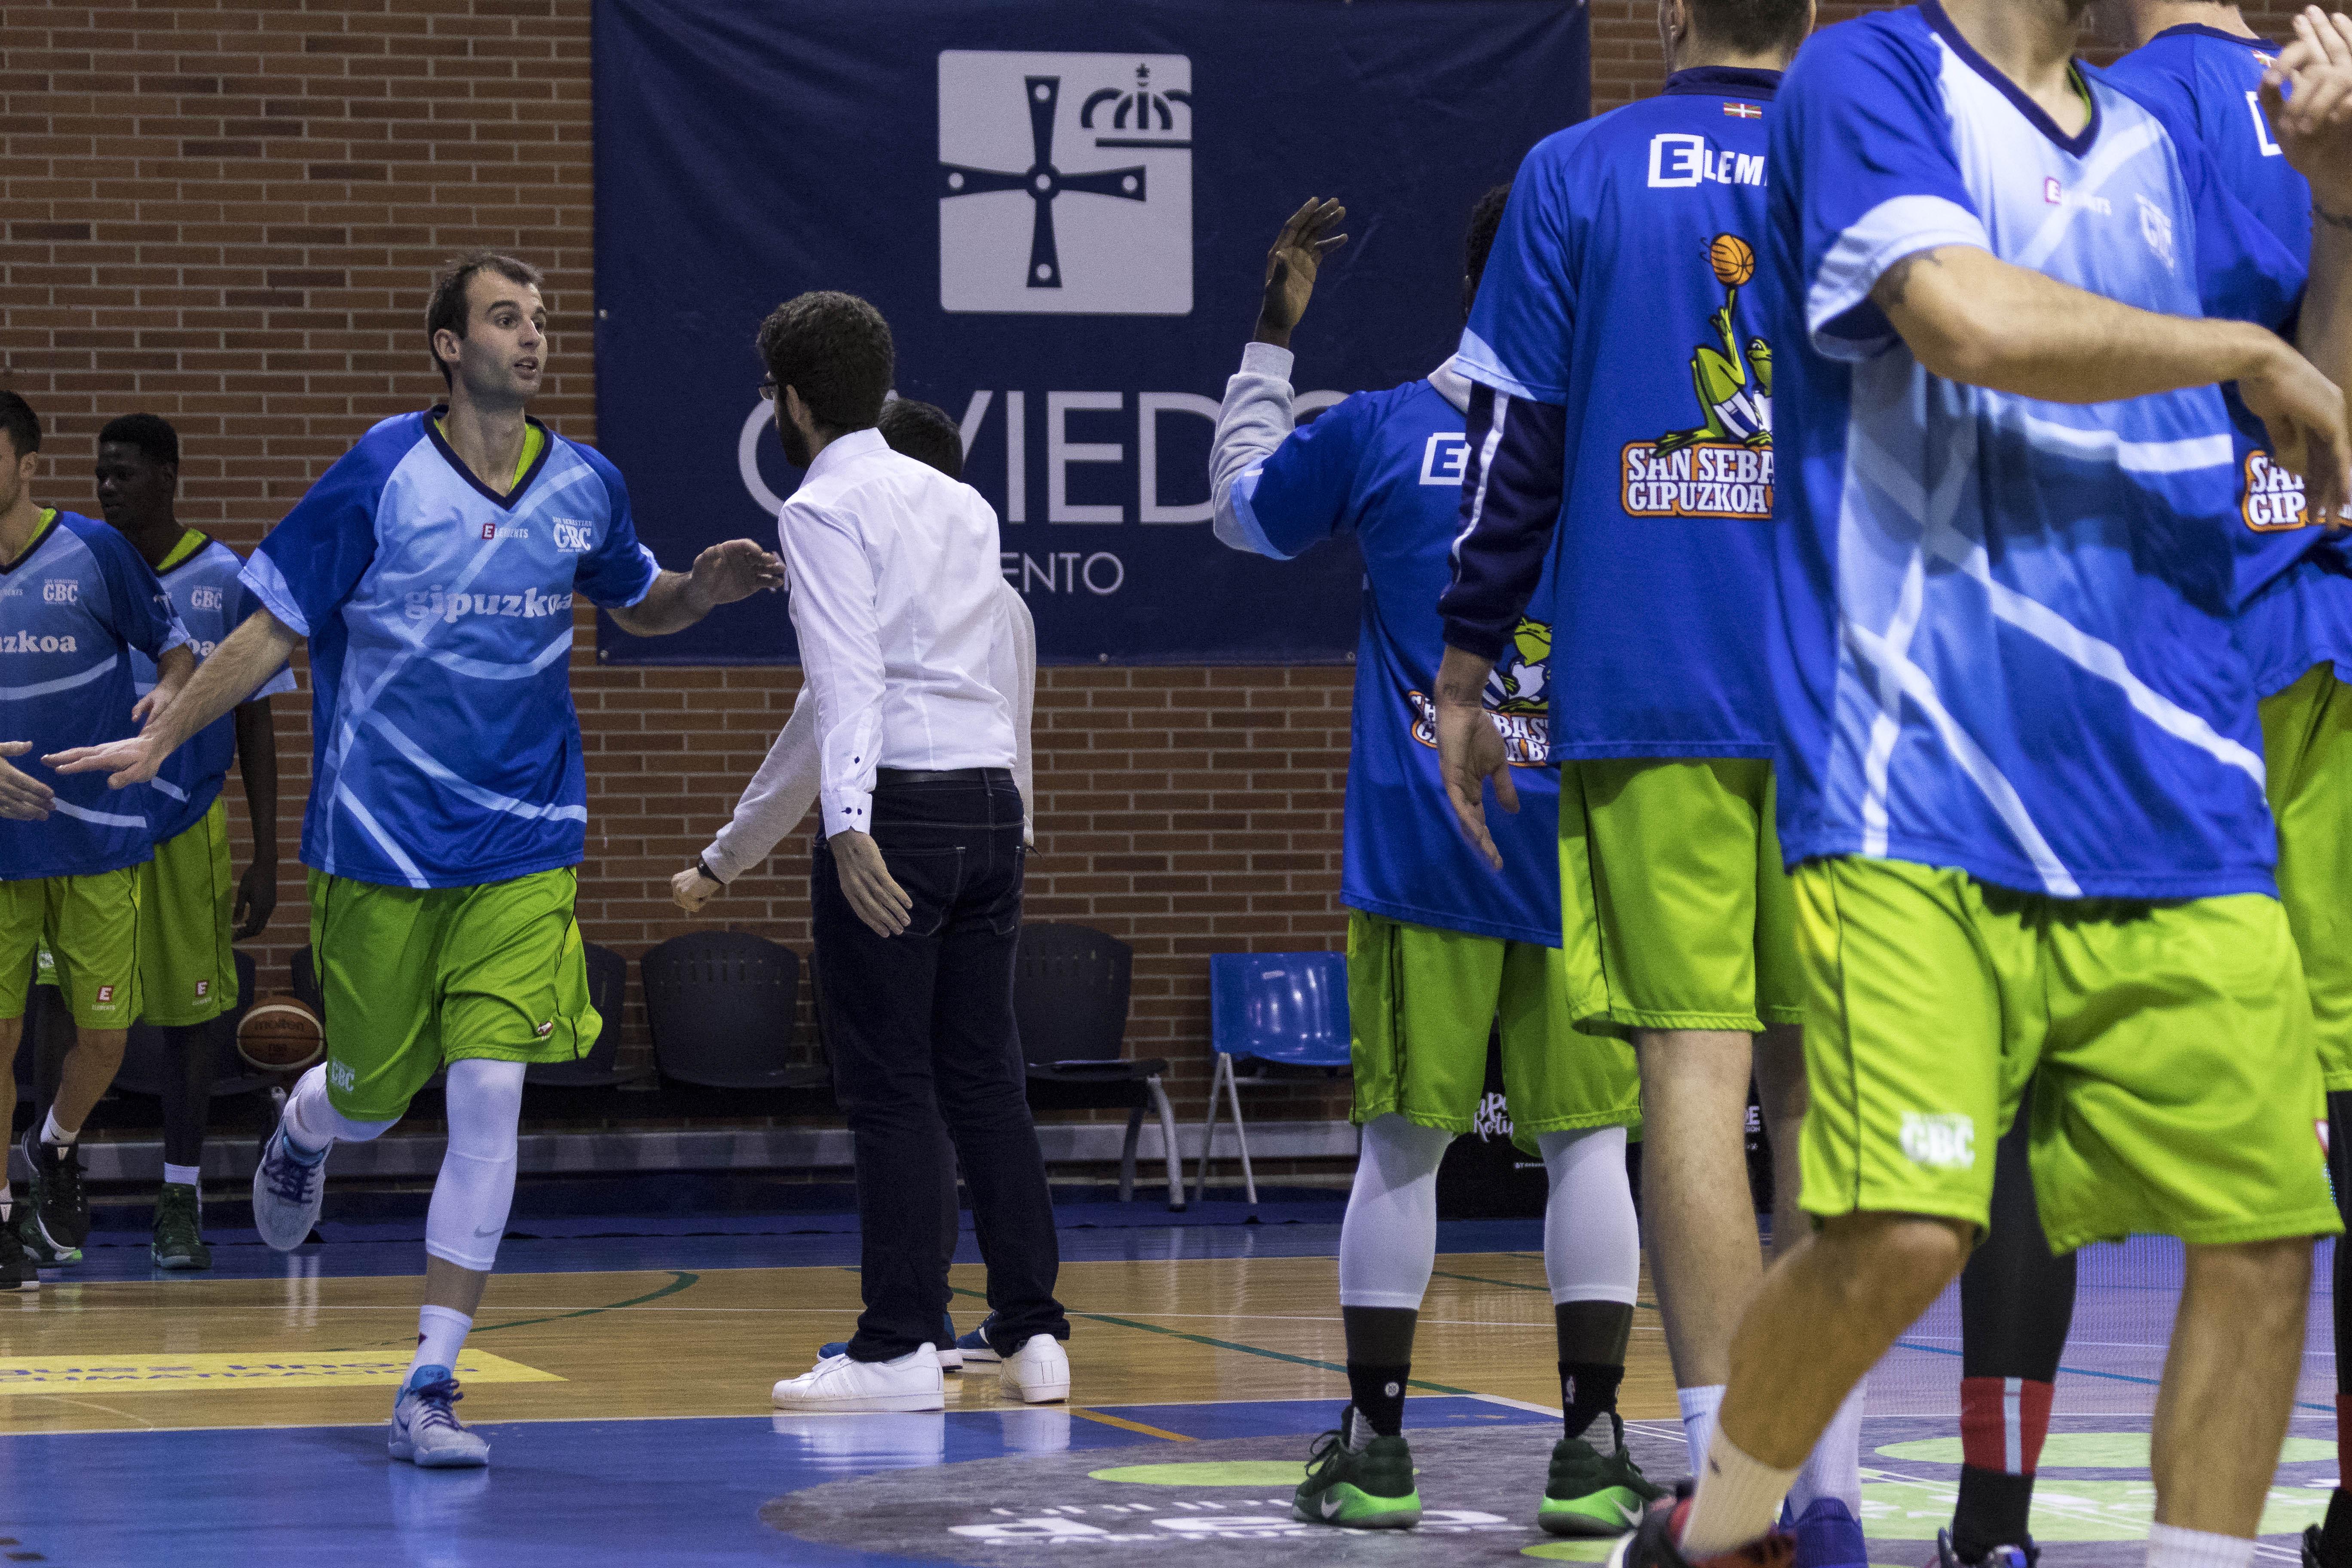 Presentación Gipuzkoa Basket (Foto: Christian García)